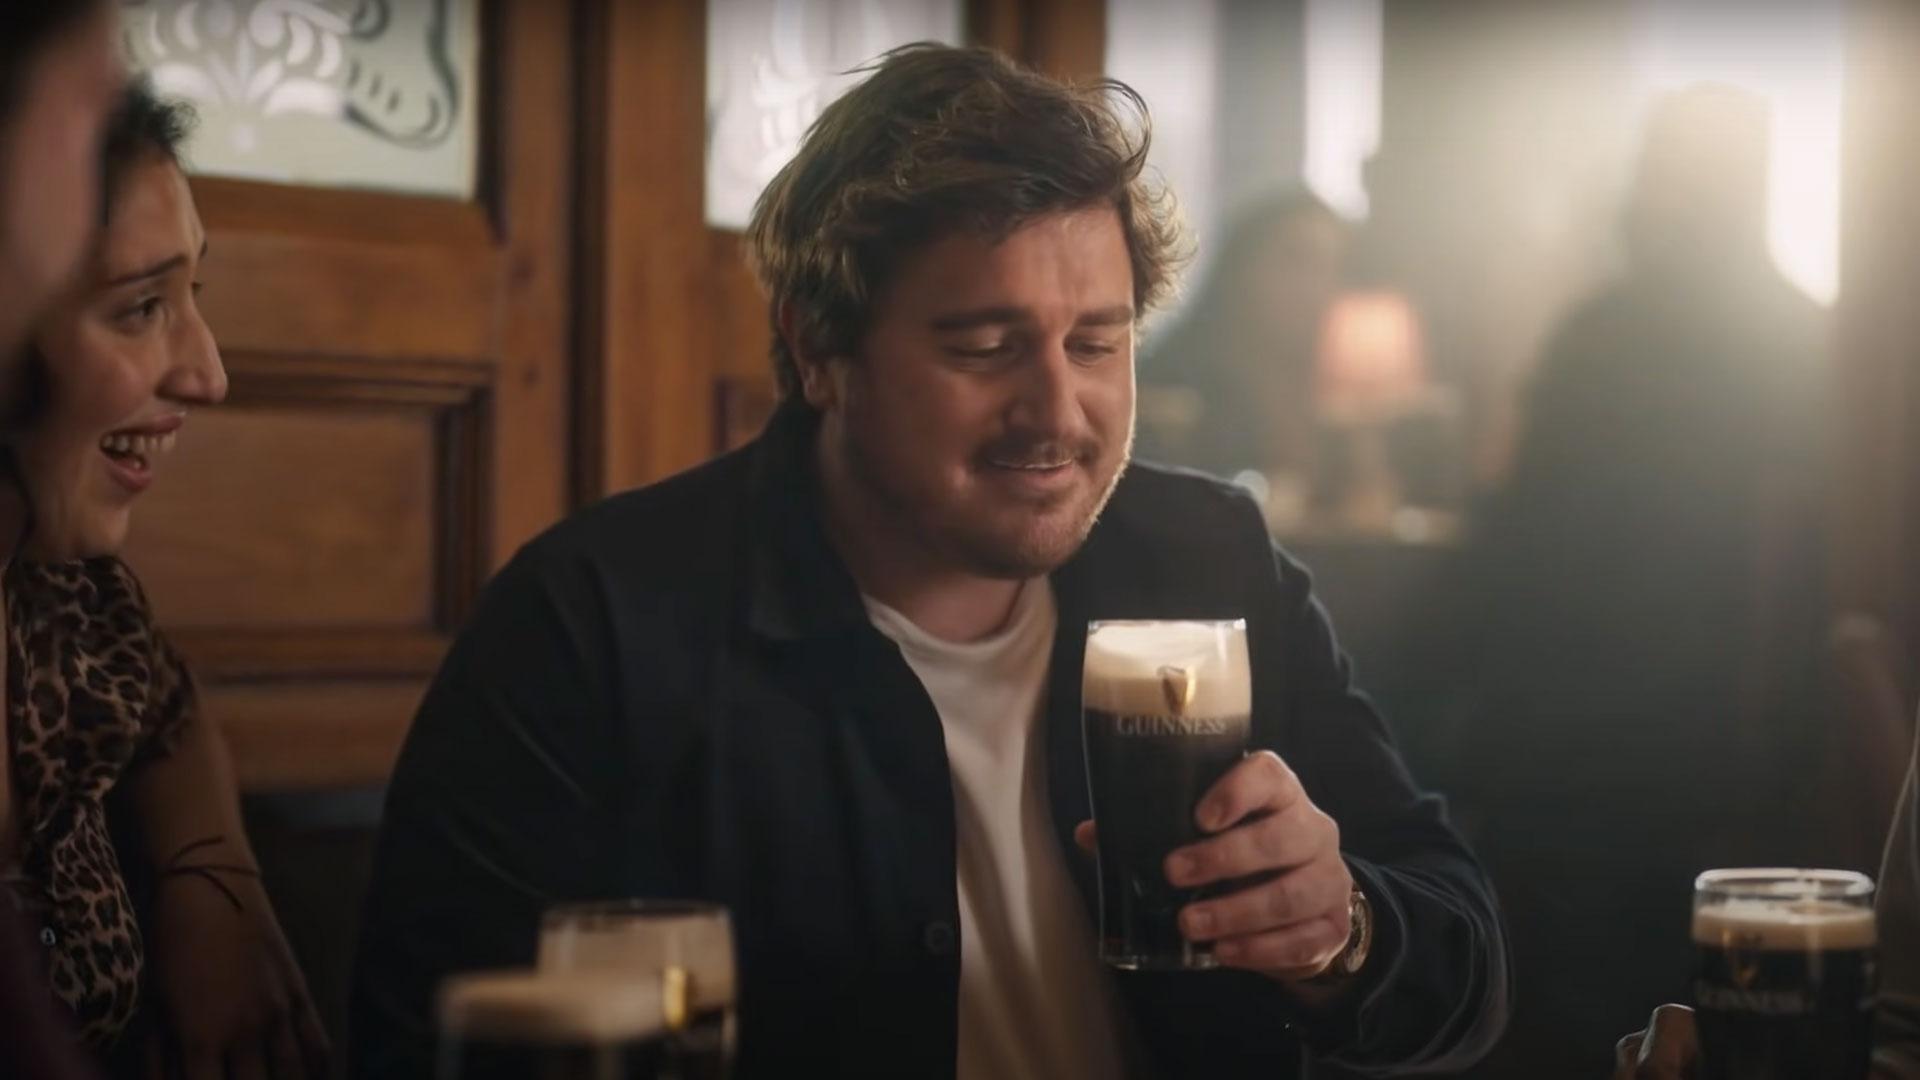 The Spot: Guinness - Looks Like Guinness